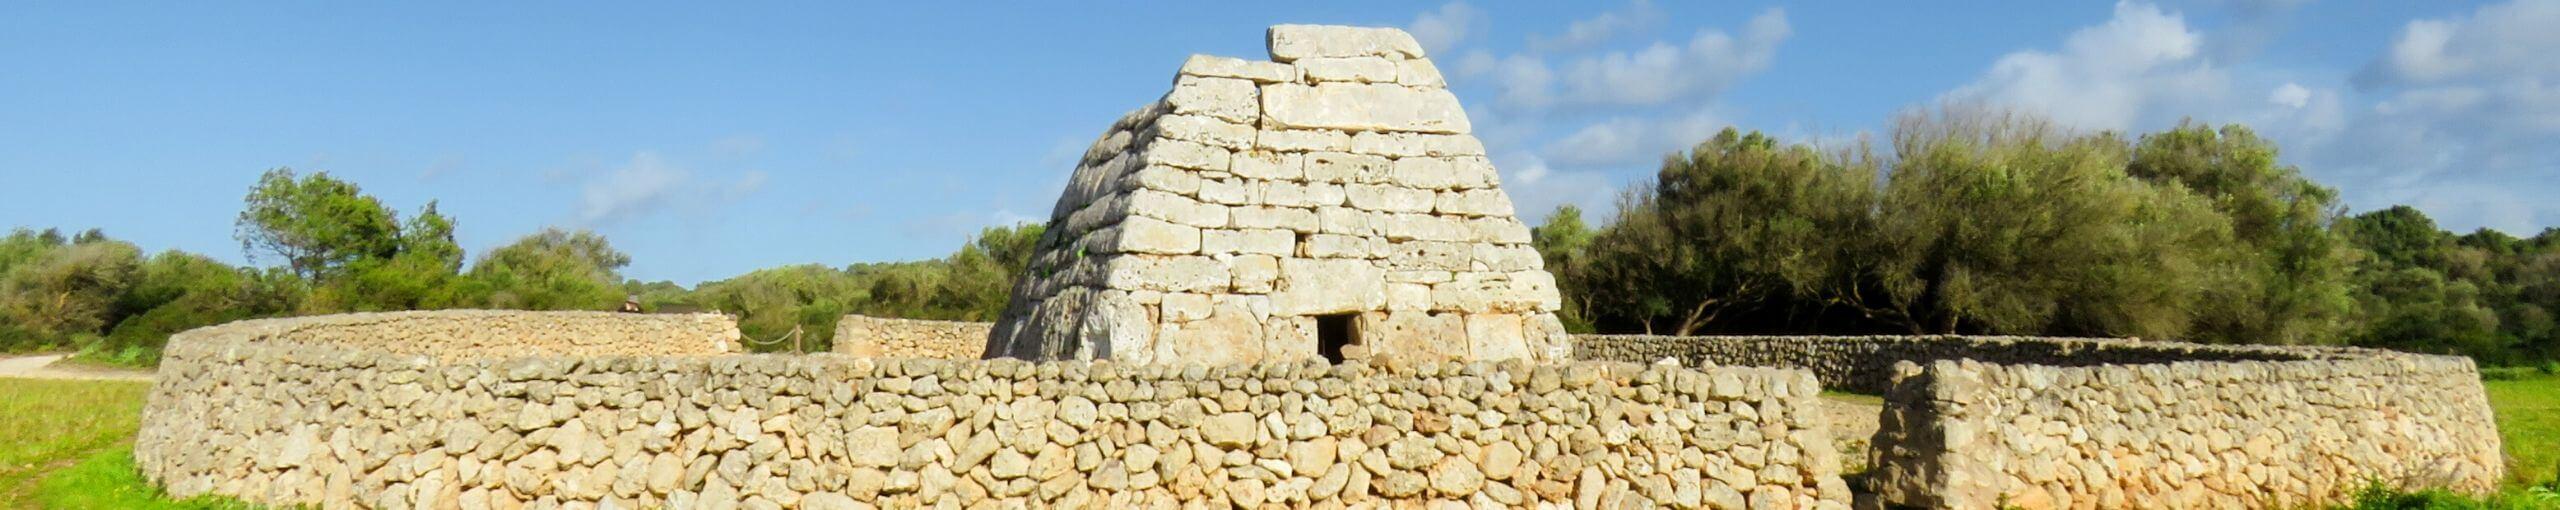 Siete días en Menorca